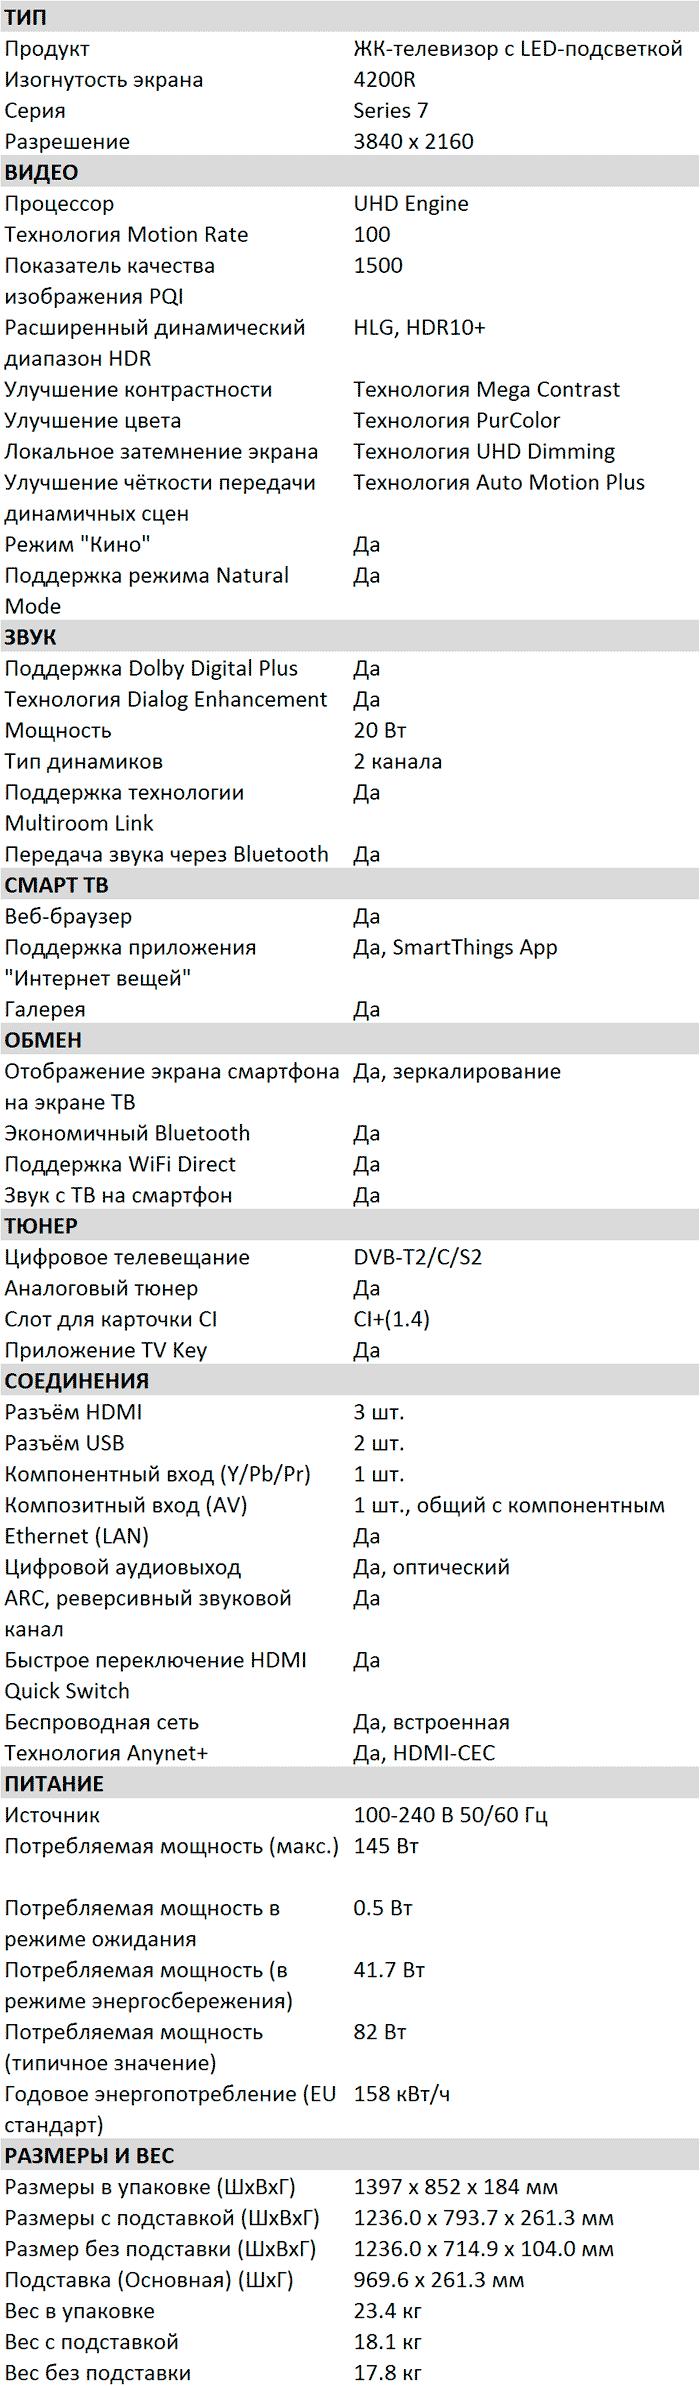 Характеристики RU7300U